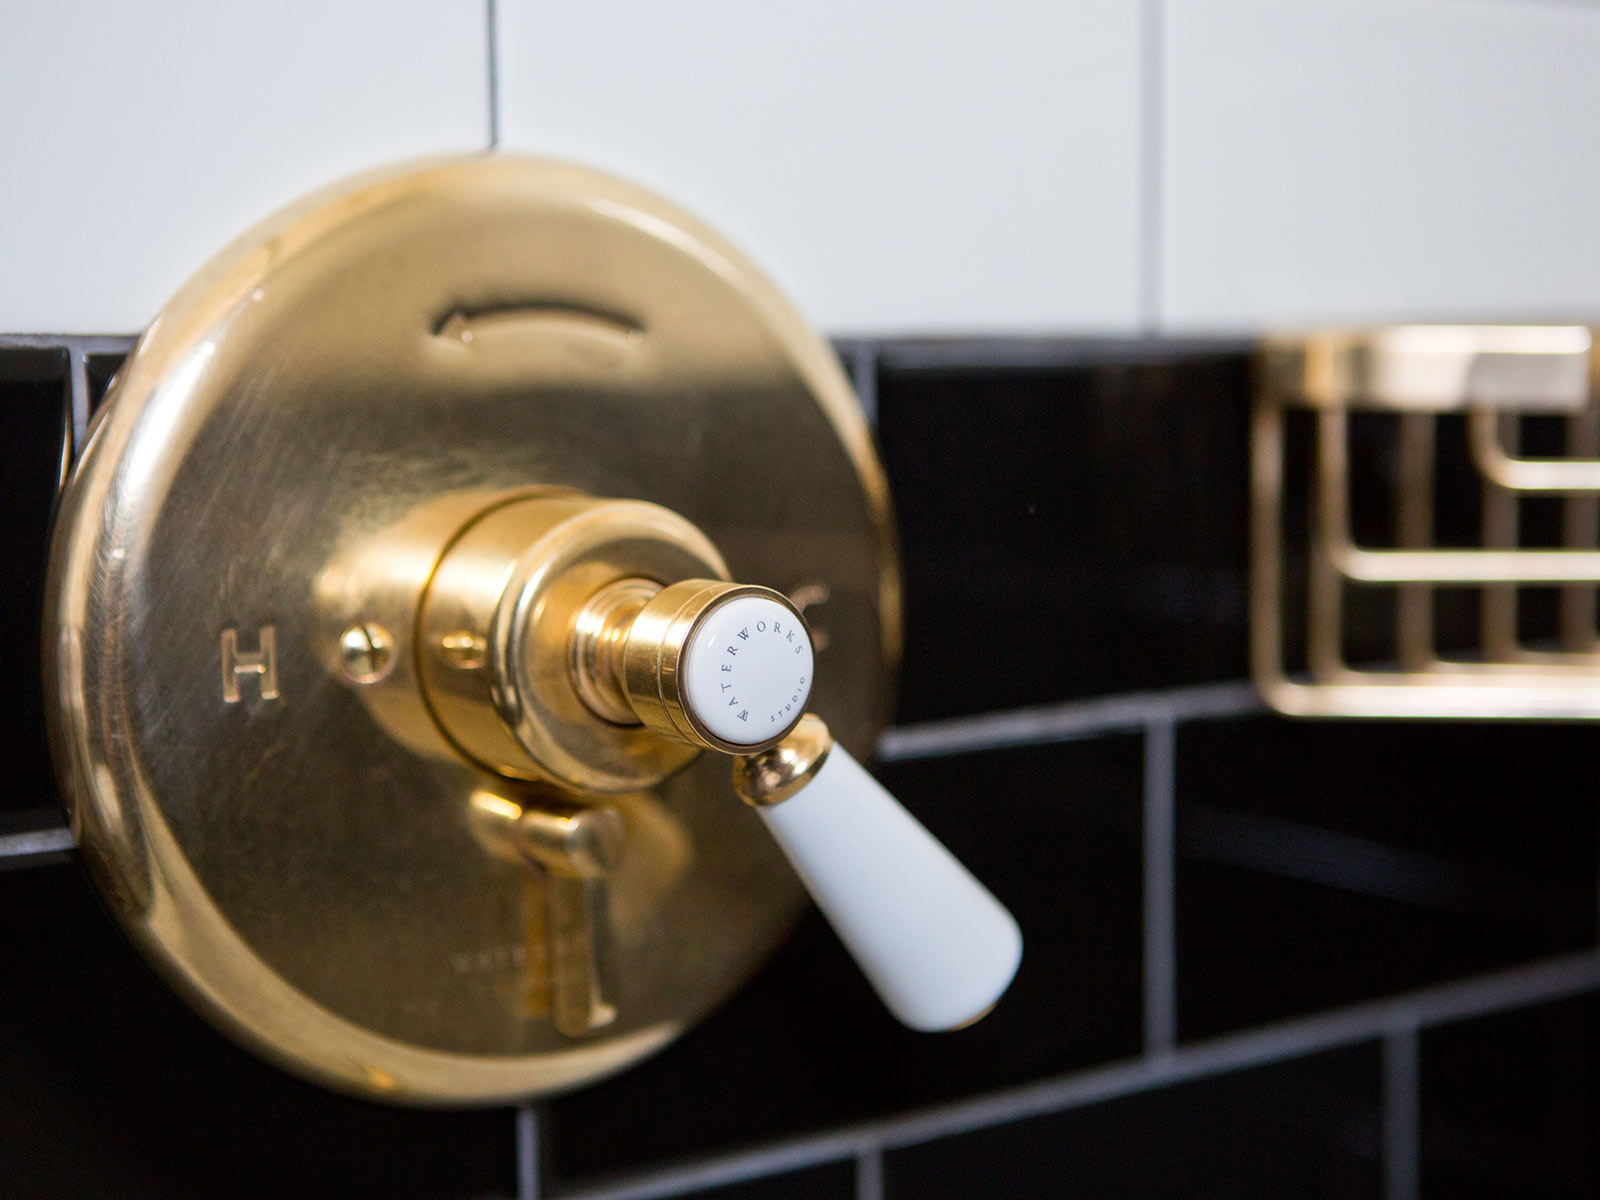 Bathroom Details at Anvil Hotel